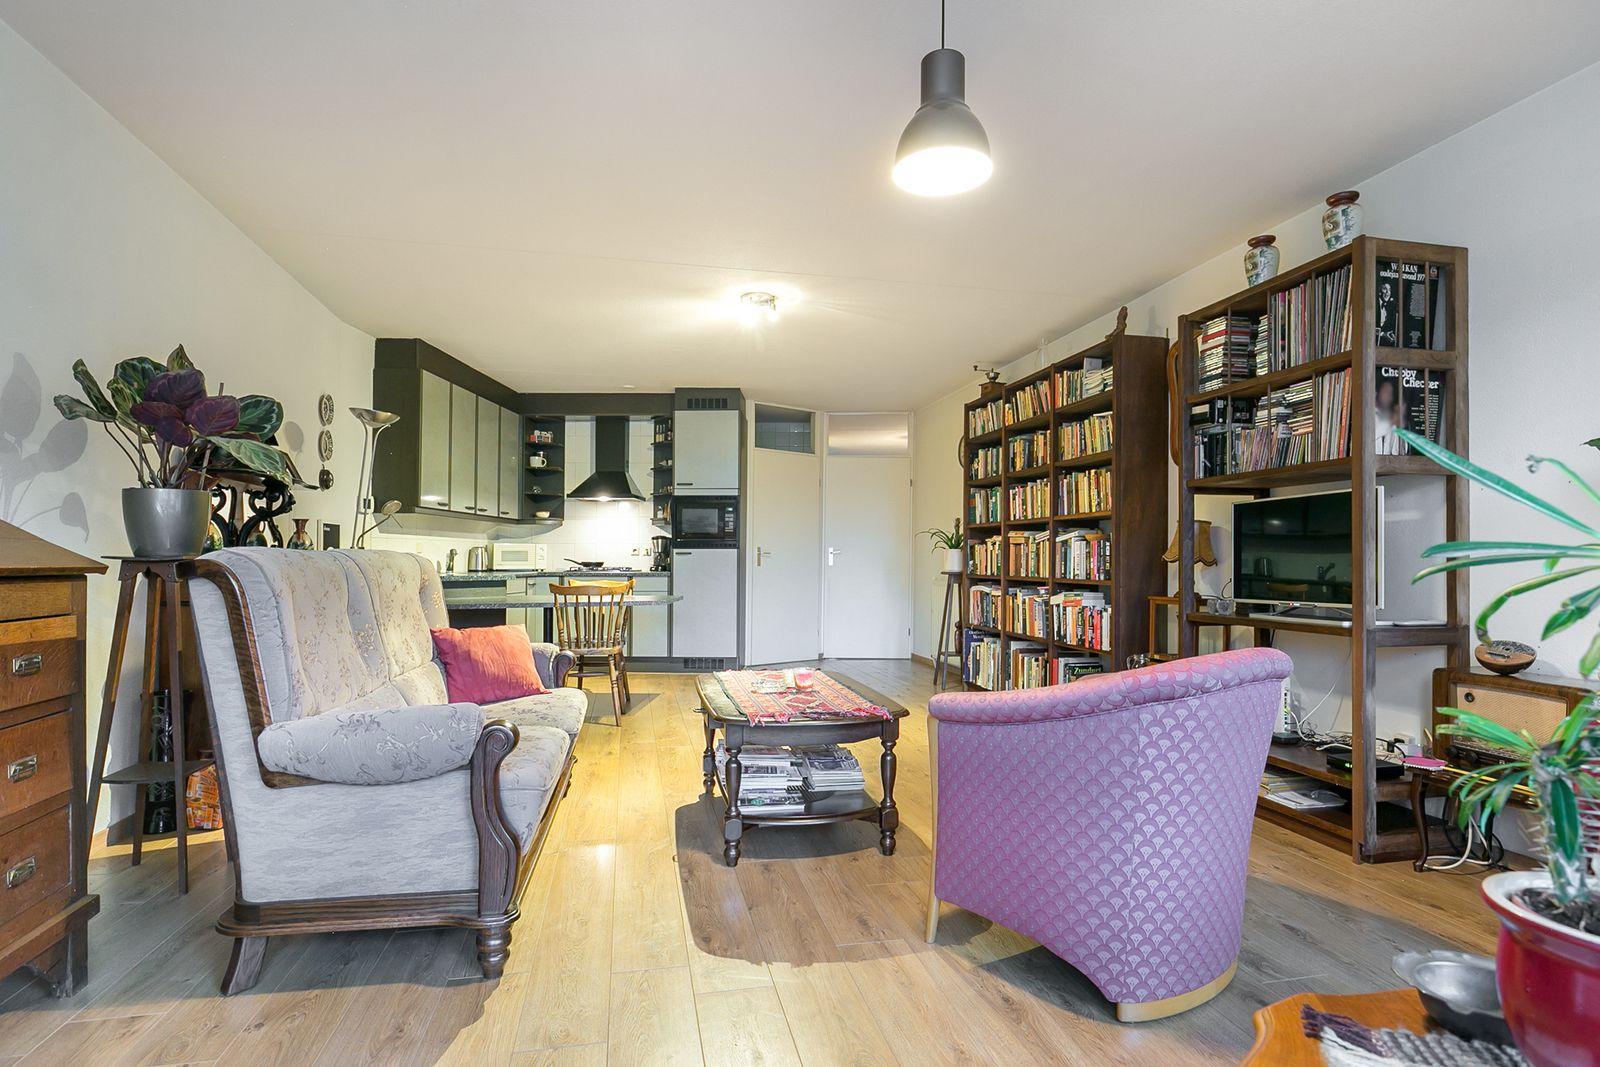 Een  3-kamerappartement op de 1e verdieping van appartementencomplex -Hofzicht-, gelegen midden in het centrum van Rijsbergen met op loopafstand alle dorpsvoorzieningen zoals winkels, supermarkten, horecagelegenheden en openbaar vervoer (bushalte).   Het appartementencomplex beschikt over een centrale entree met trapopgang en een lift. Het appartement is voorzien van een woonkamer met open keuken, tweetal slaapkamers, een praktische bergruimte, toiletruimte en een badkamer. Tevens is dit appartement voorzien van een ruim dakterras aan de achterzijde en een balkon aan de voorzijde waarbij u uitkijkt over de Sint Bavostraat.   Op de begane grond bevindt zich een garage en is er ruime parkeermogelijkheid aan de achterzijde van het complex.   Entree/hal met toegang tot een tweetal slaapkamers, toiletruimte, badkamer en woonkamer met open keuken.  Afwerking- laminaatvloer, Soachtelputz wanden en een spuitwerk plafond.  Meterkast-  6 groepen en 1 aardlekschakelaarbeveiliging.   Toiletruimte  Afwerking- tegelvloer, Spachtelputz wanden en een spuitwerk plafond.   Fijne woonkamer met toegang tot het balkon aan de voorzijde waarbij u uitkijkt over de Sint Bavostraat.  Afwerking- laminaatvloer, Spachtelputz wanden en een spuitwerk plafond.   Open keuken in hoekopstelling uitgerust met een kunststof aanrechtblad, spoelbak, 4 pits gaskookplaat, combi- magnetron, koelkast en RVS afzuigkap.  Afwerking- laminaatvloer, Spachtelputz wanden en een spuitwerk plafond.   Praktische bergruimte met wandplanken en aansluitingen voor de wasmachine– en droger.  Afwerking- laminaatvloer, Spachtelputz wanden en een spuitwerk plafond.   Slaapkamer 1-  Afwerking- laminaatvloer, Spachtelputz wanden en een spuitwerk plafond.   Slaapkamer 2-  Afwerking- laminaatvloer, Spachtelputz wanden en een spuitwerk plafond.   Badkamer uitgerust met een ligbad met douchescherm voorzien van thermostaatkraan, toilet en dubbele wastafel met meubel.  Afwerking- laminaatvloer, Spachtelputz wanden en een spuitwerk pl